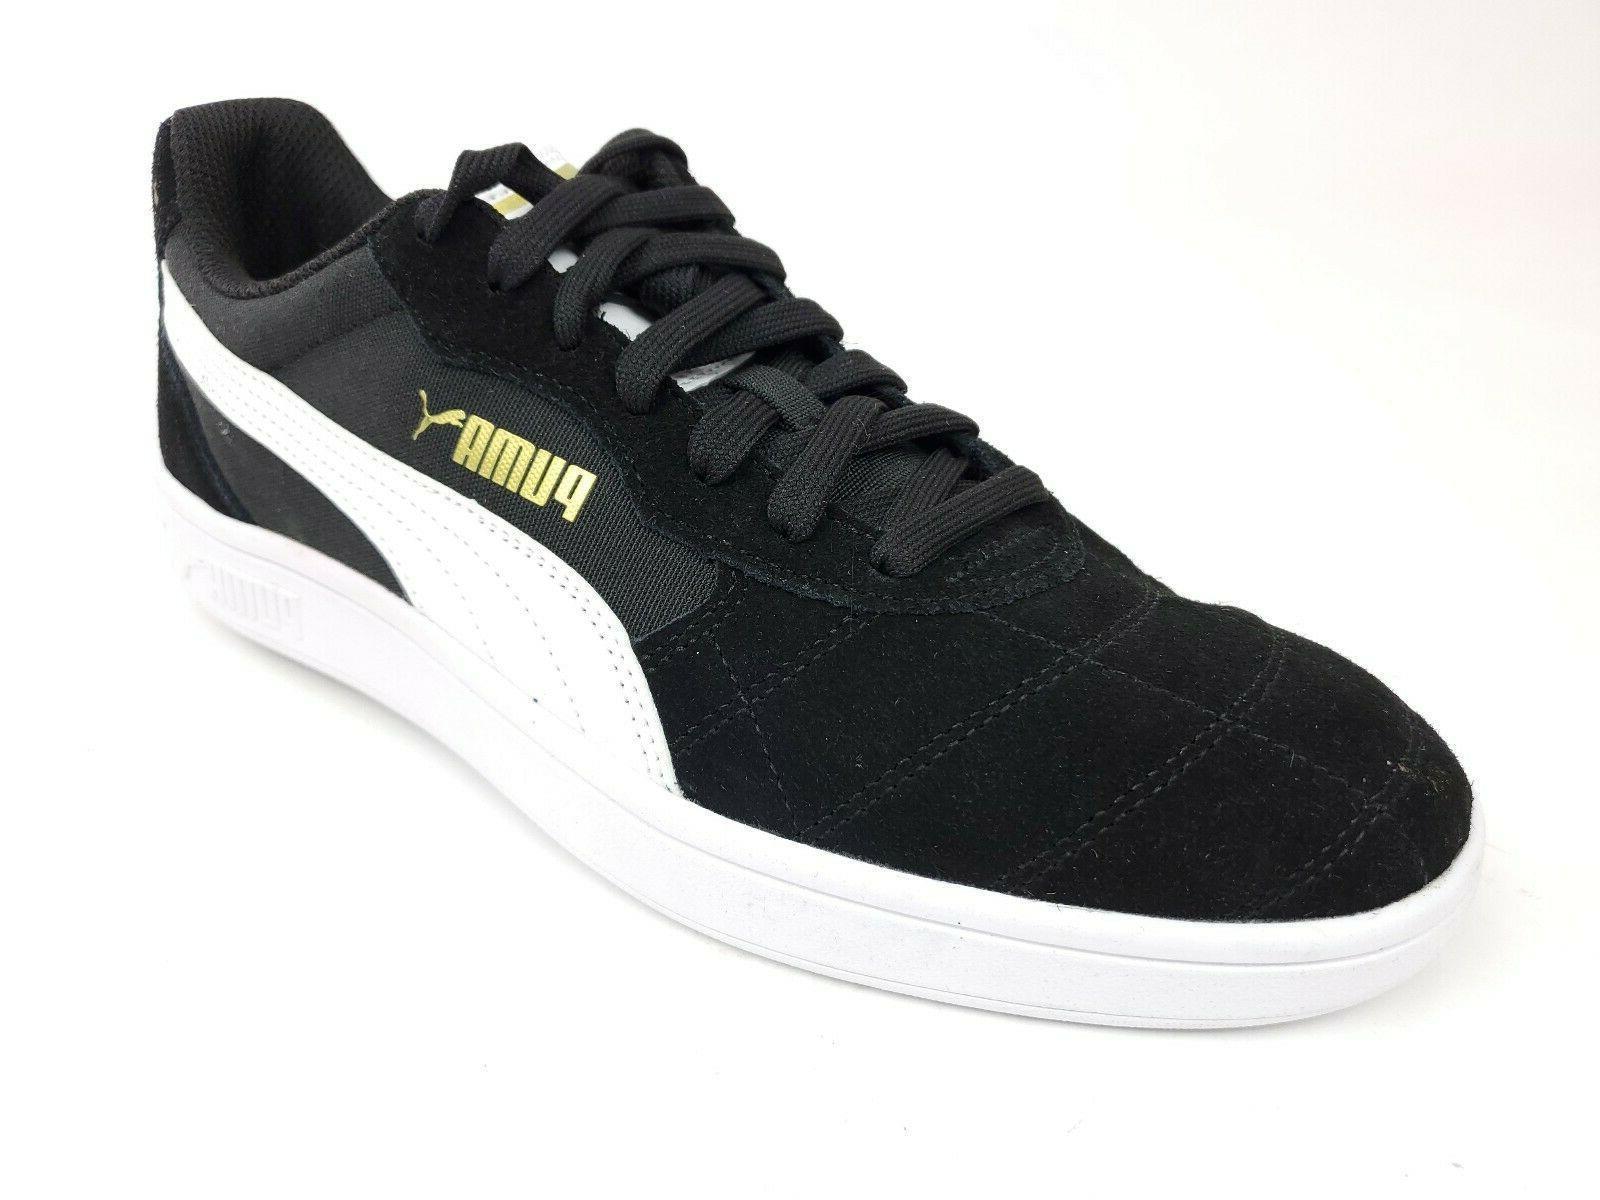 PUMA Astro Men's Sneakers Size 9